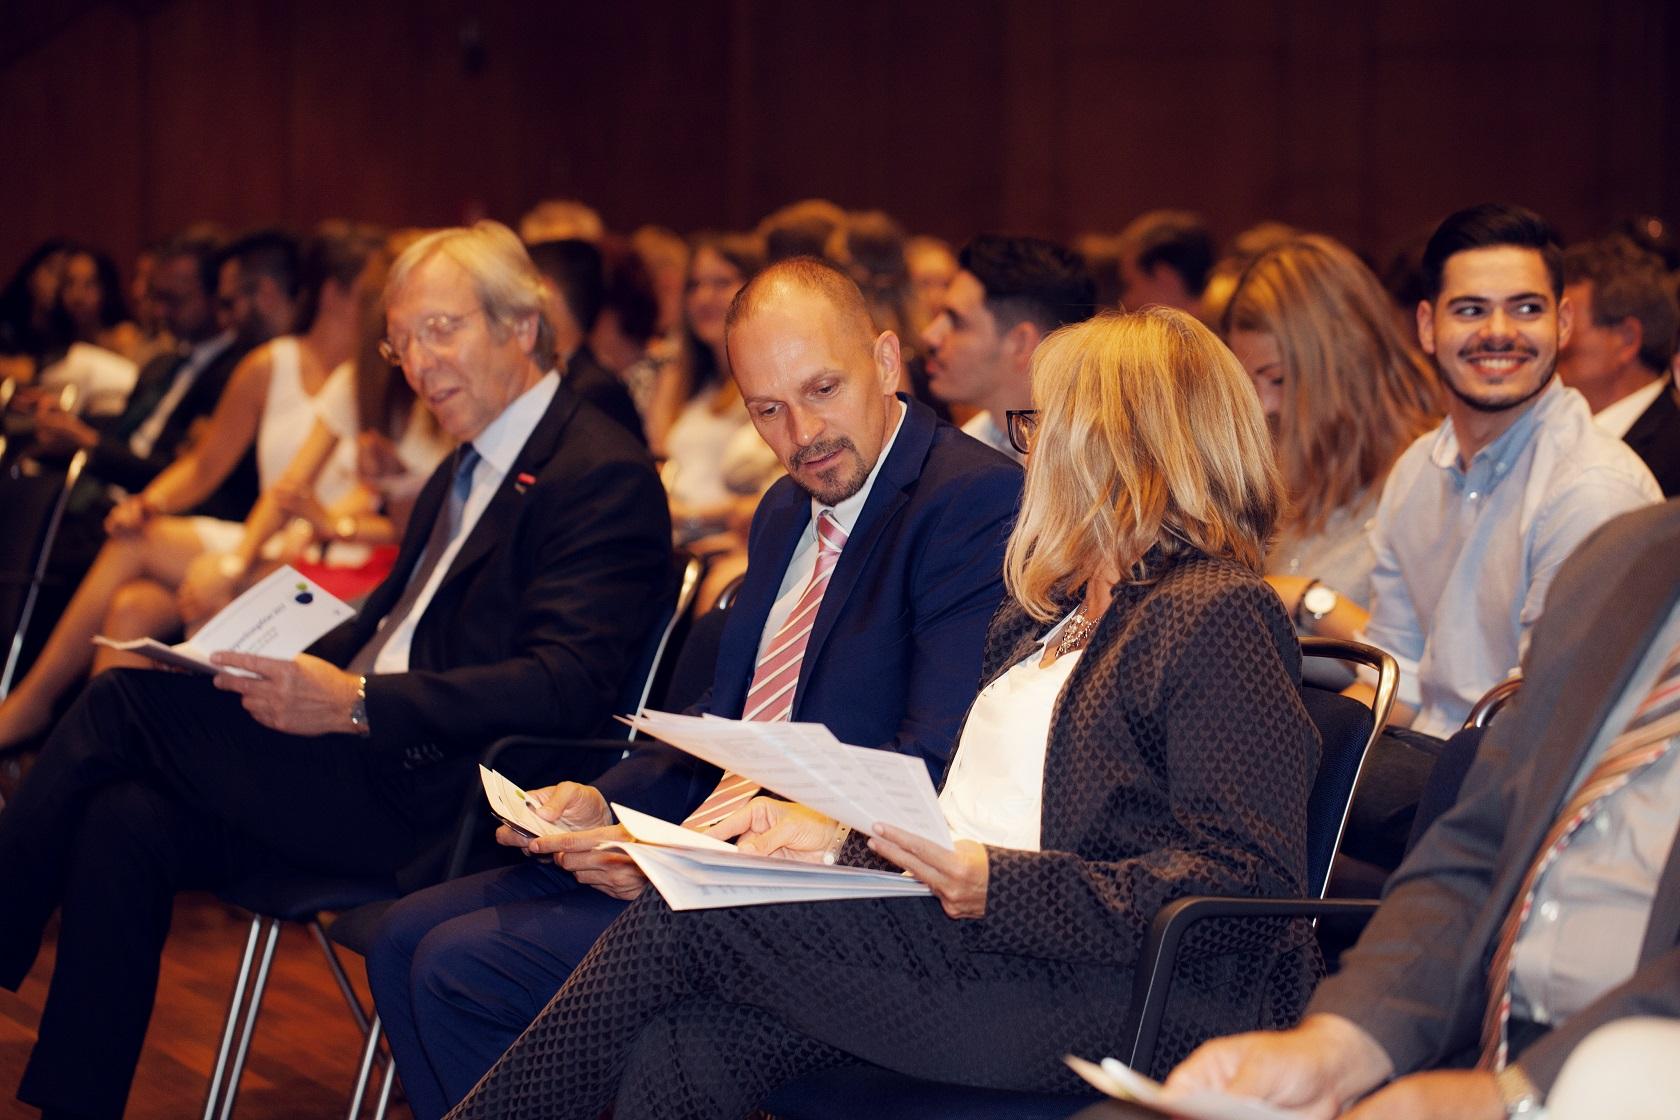 Freisprechungsfeier Bruchsal 2017 Dr. Jakob und Ingrid Lehr-Binder